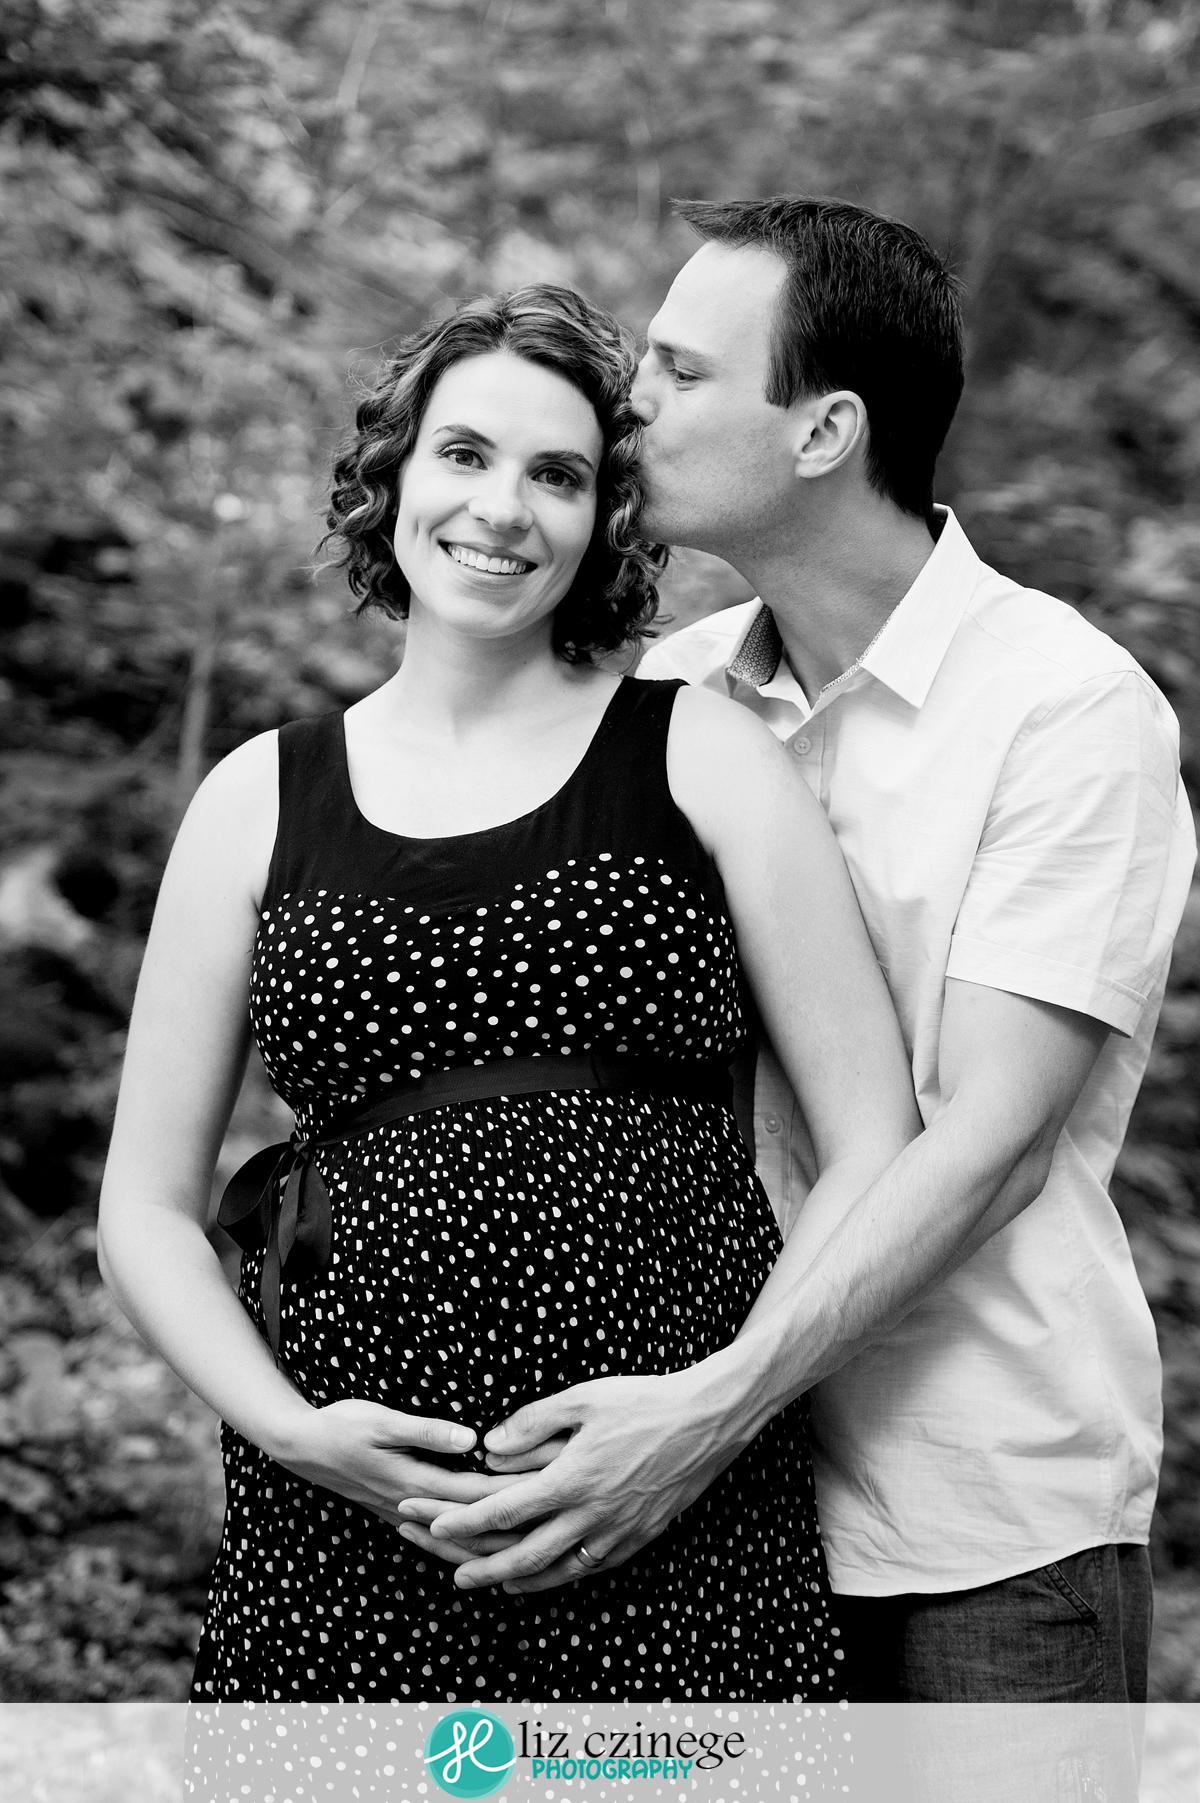 liz_czinege_niagara_grimsby_maternity_photographer02